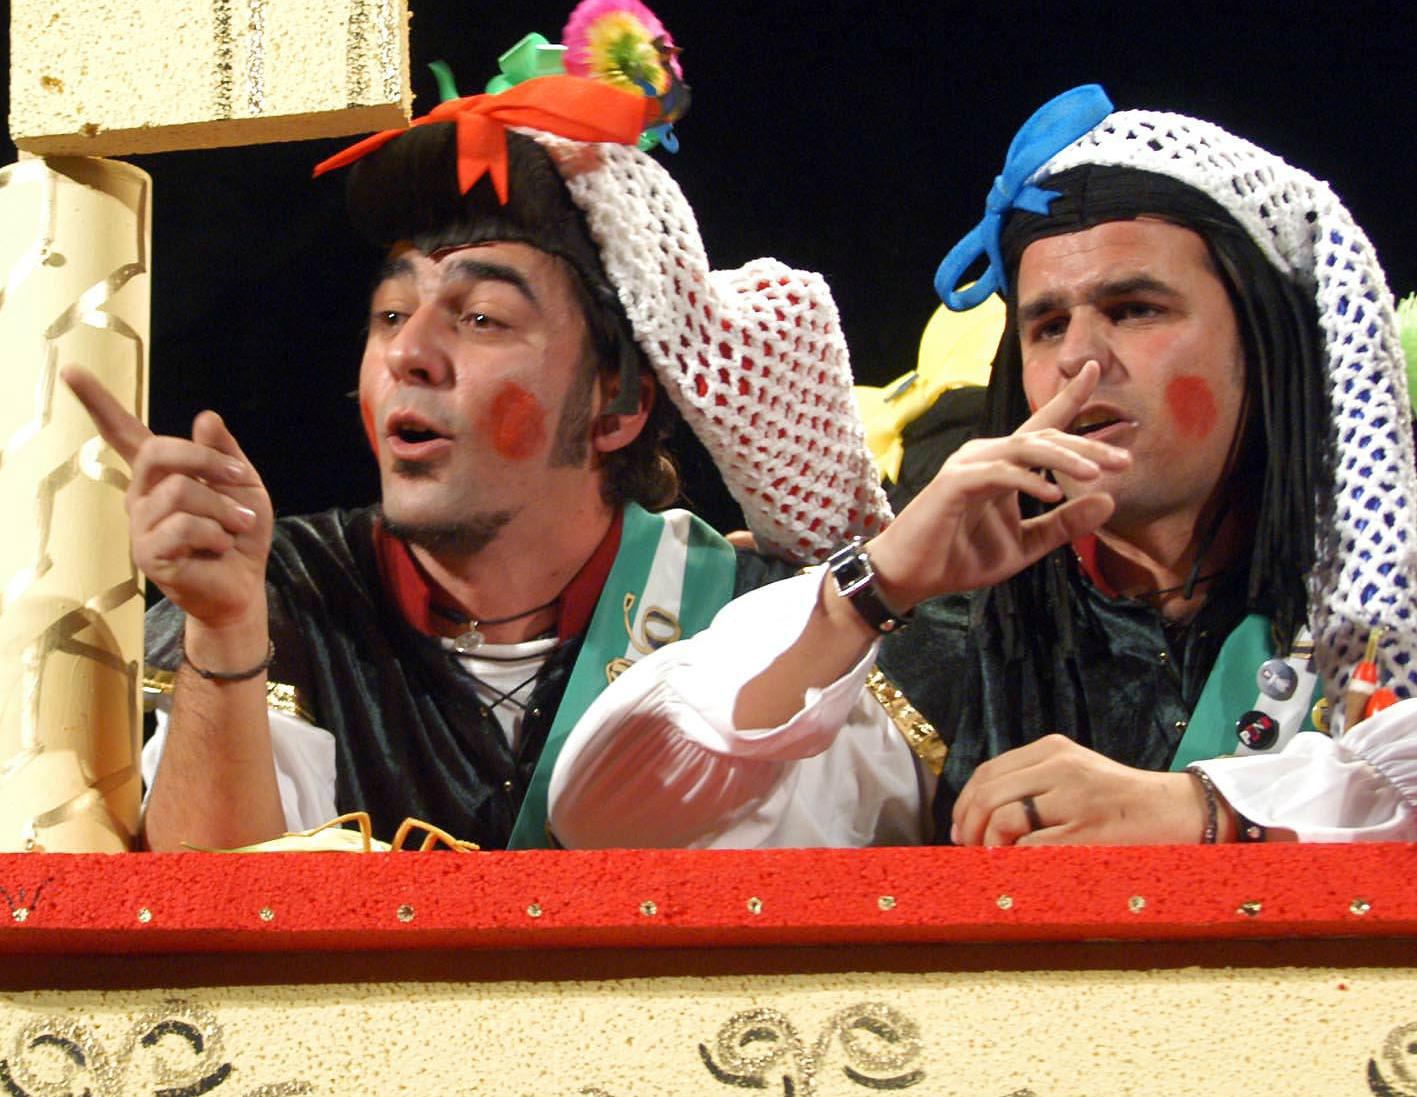 Crean el primer concurso de ninfos del Carnaval de Cádiz